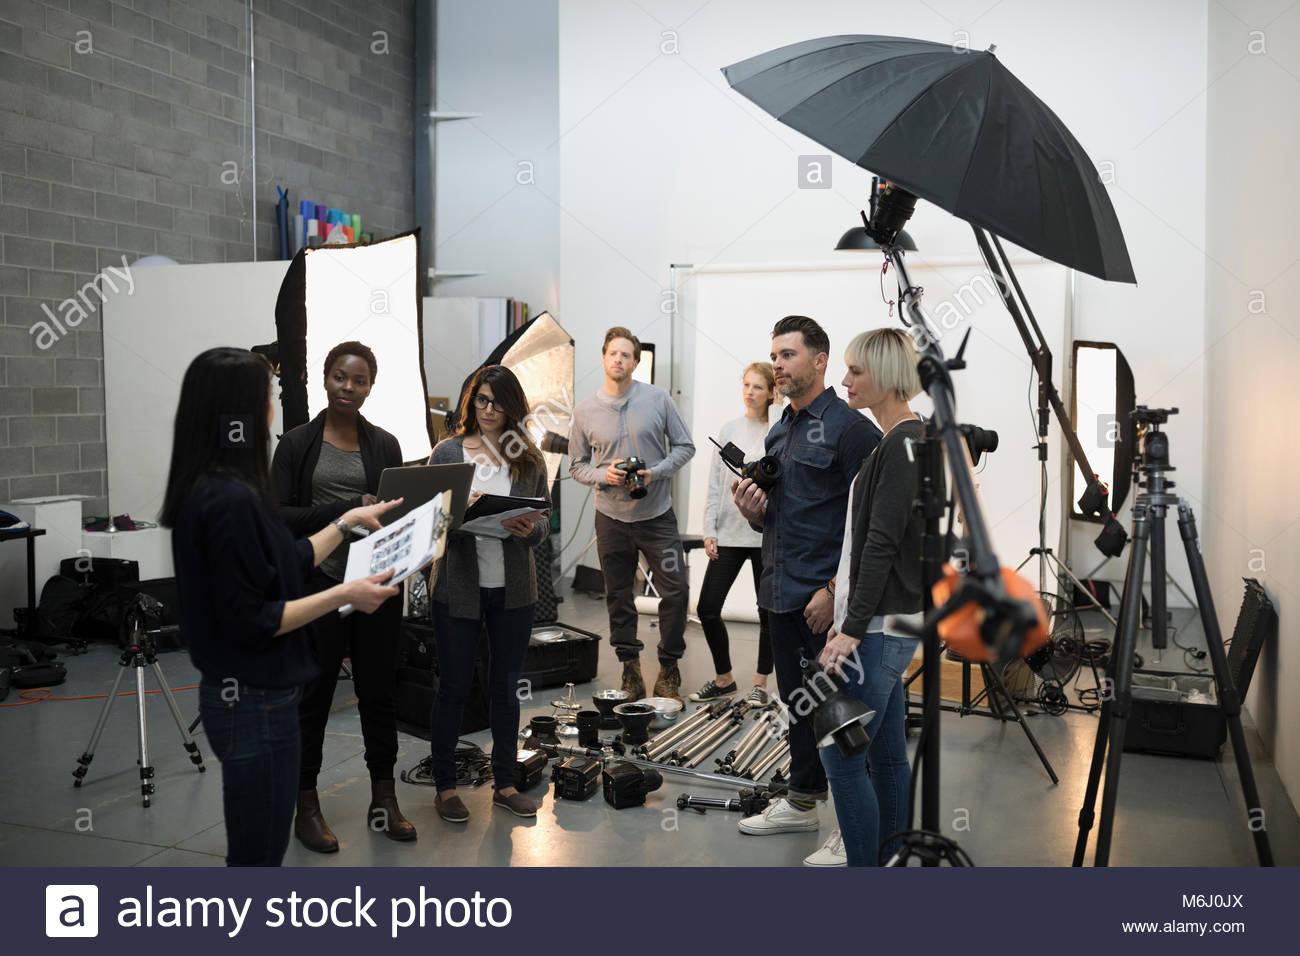 Fotografen und Produktion Team Meeting, die Vorbereitung für Fotoshooting im Studio Stockbild